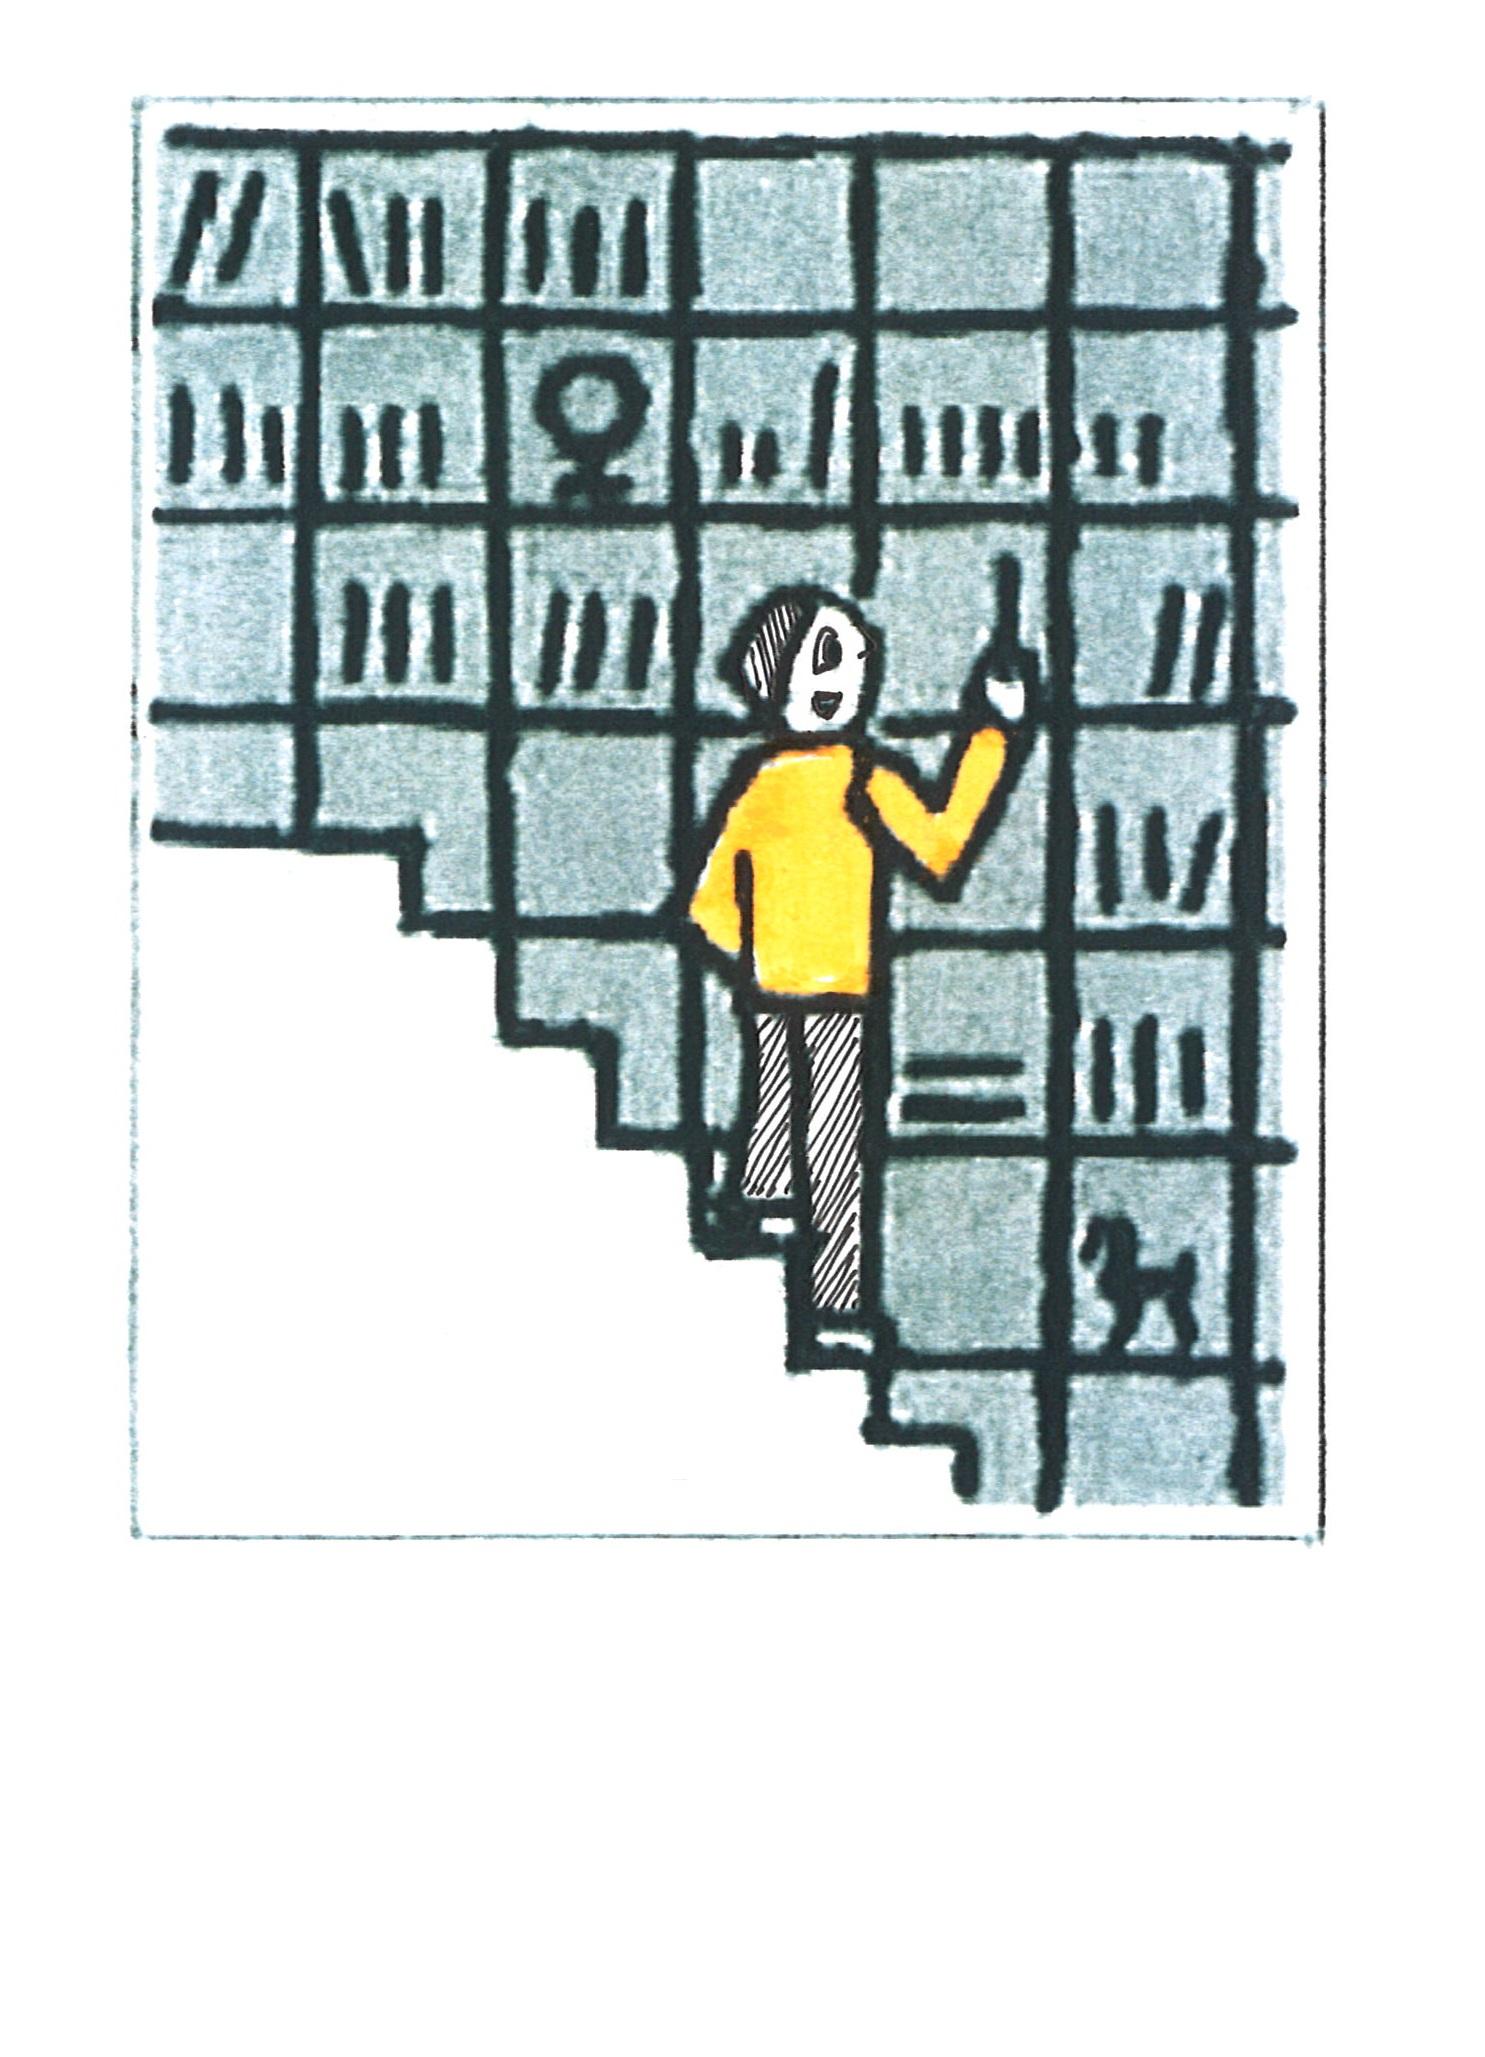 壁面いっぱいの本棚